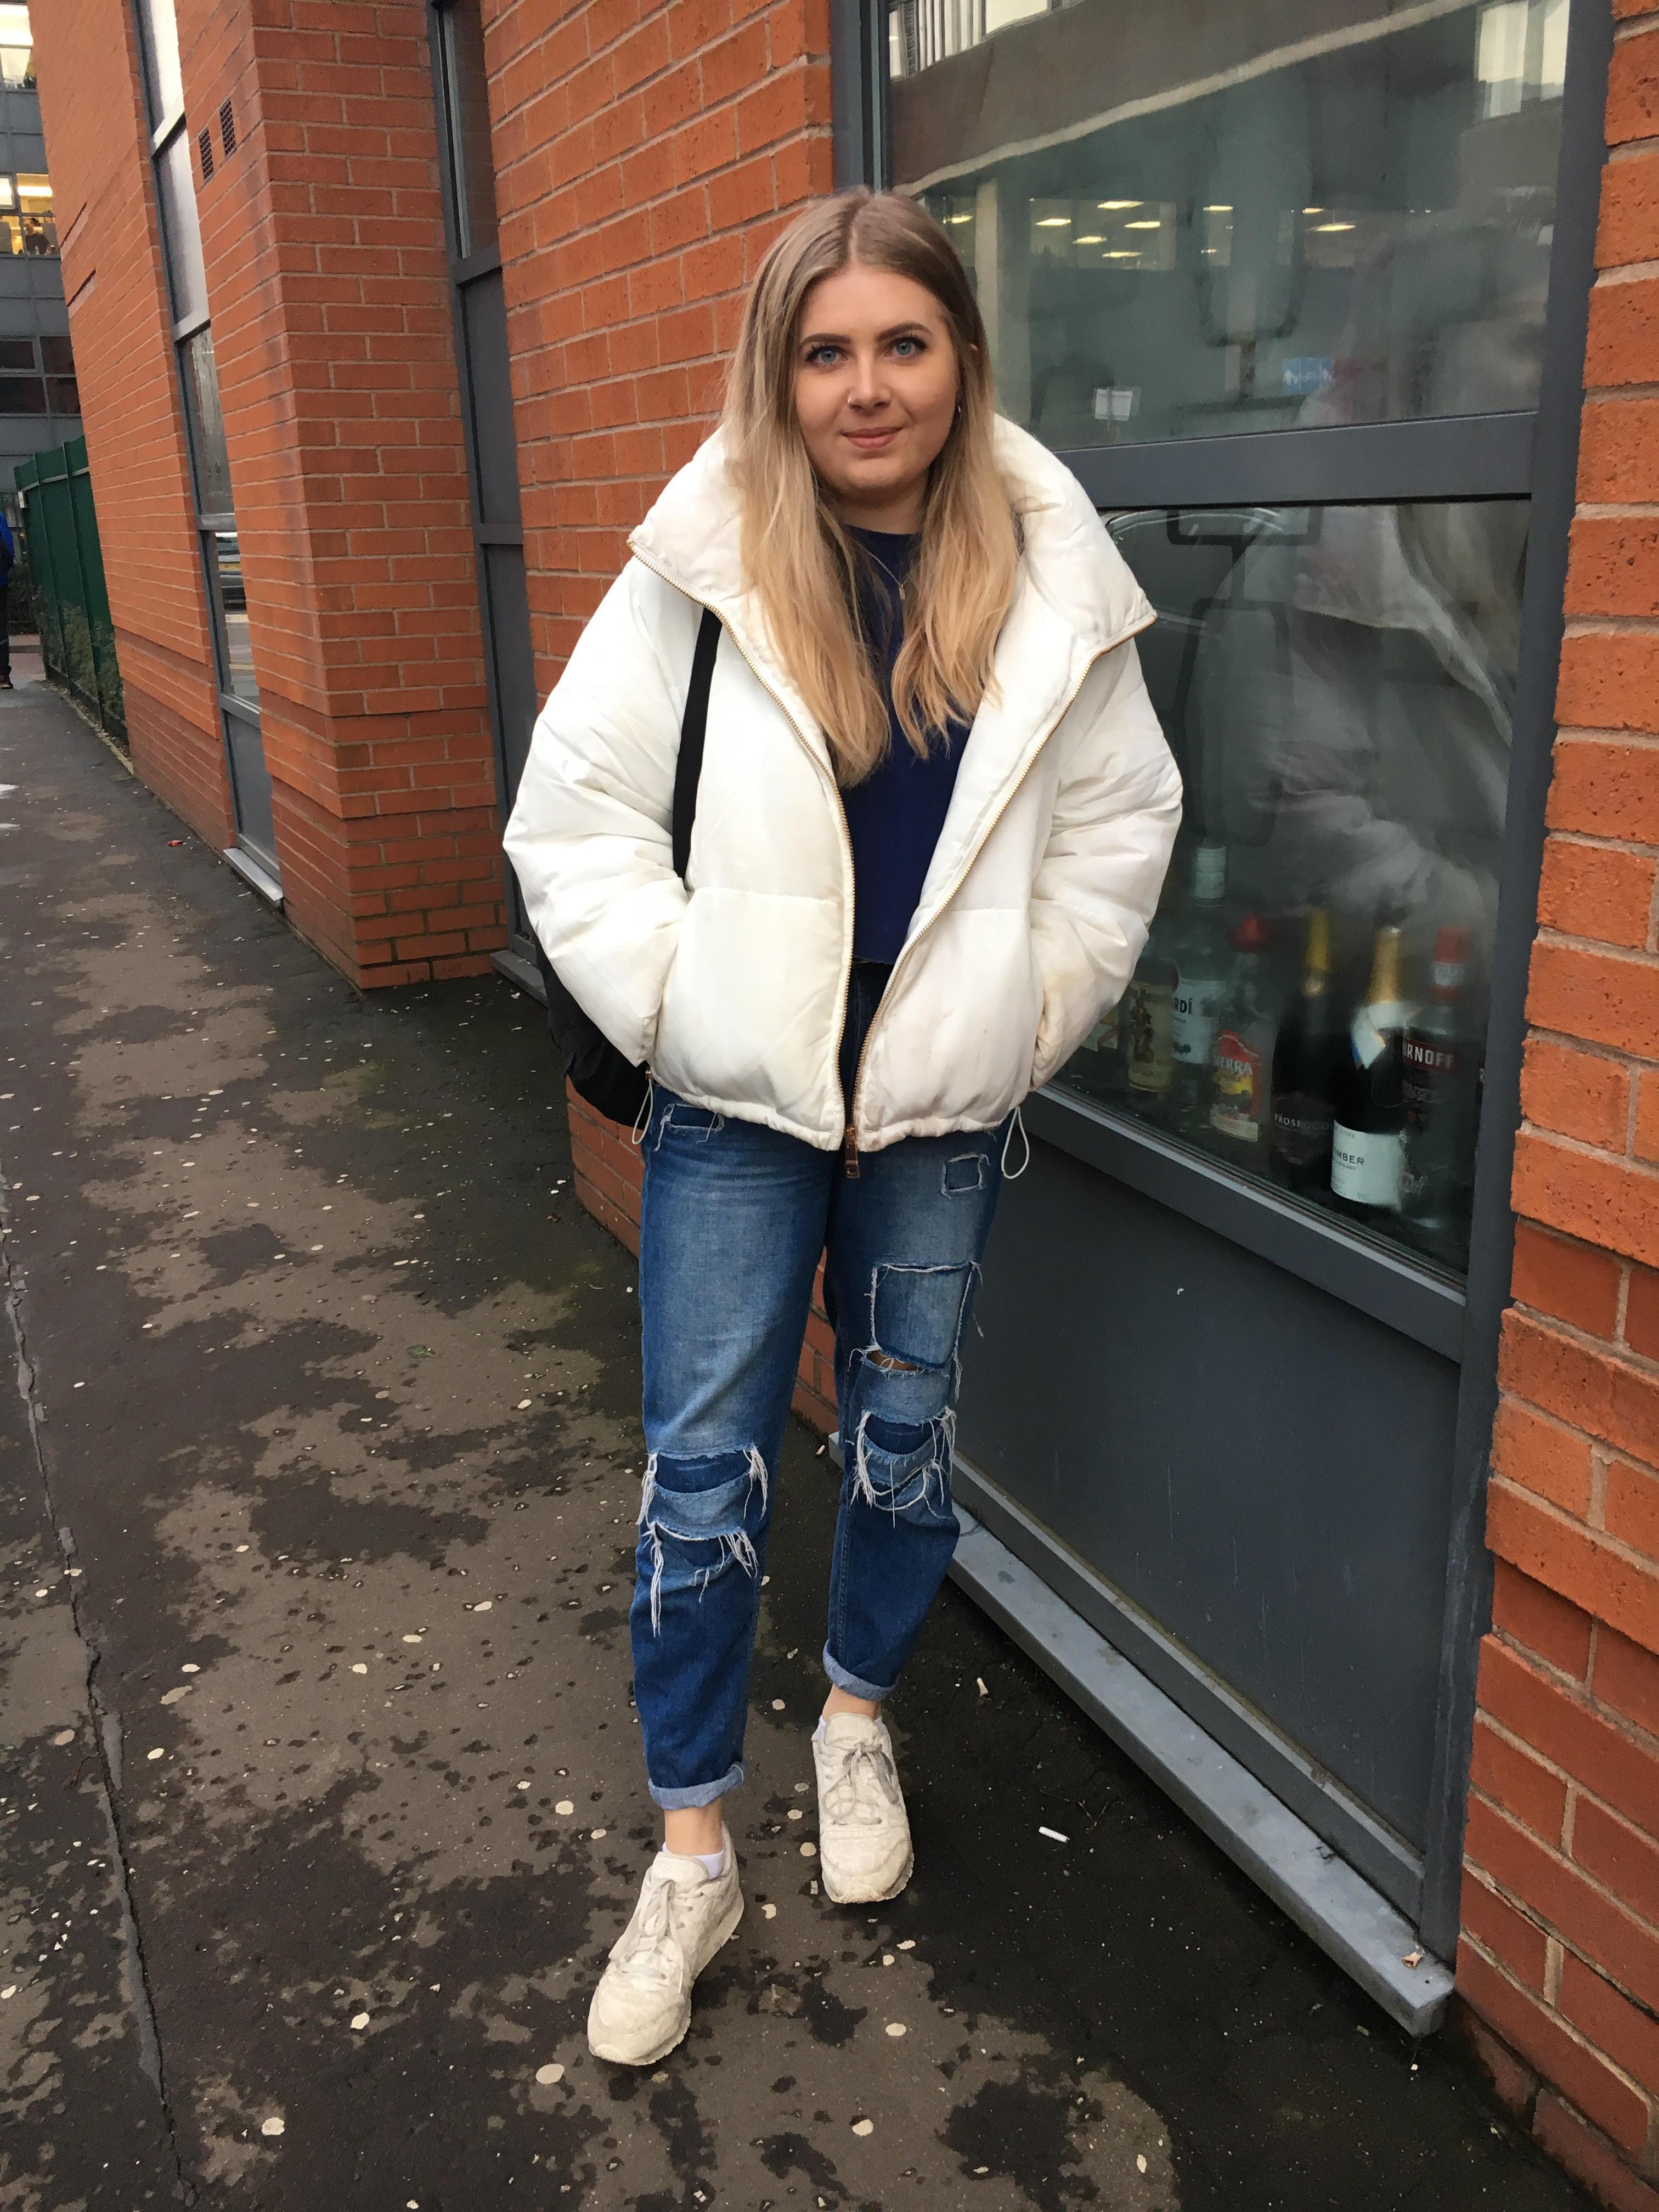 Zara, 18, Fashion Buying and Merchandising